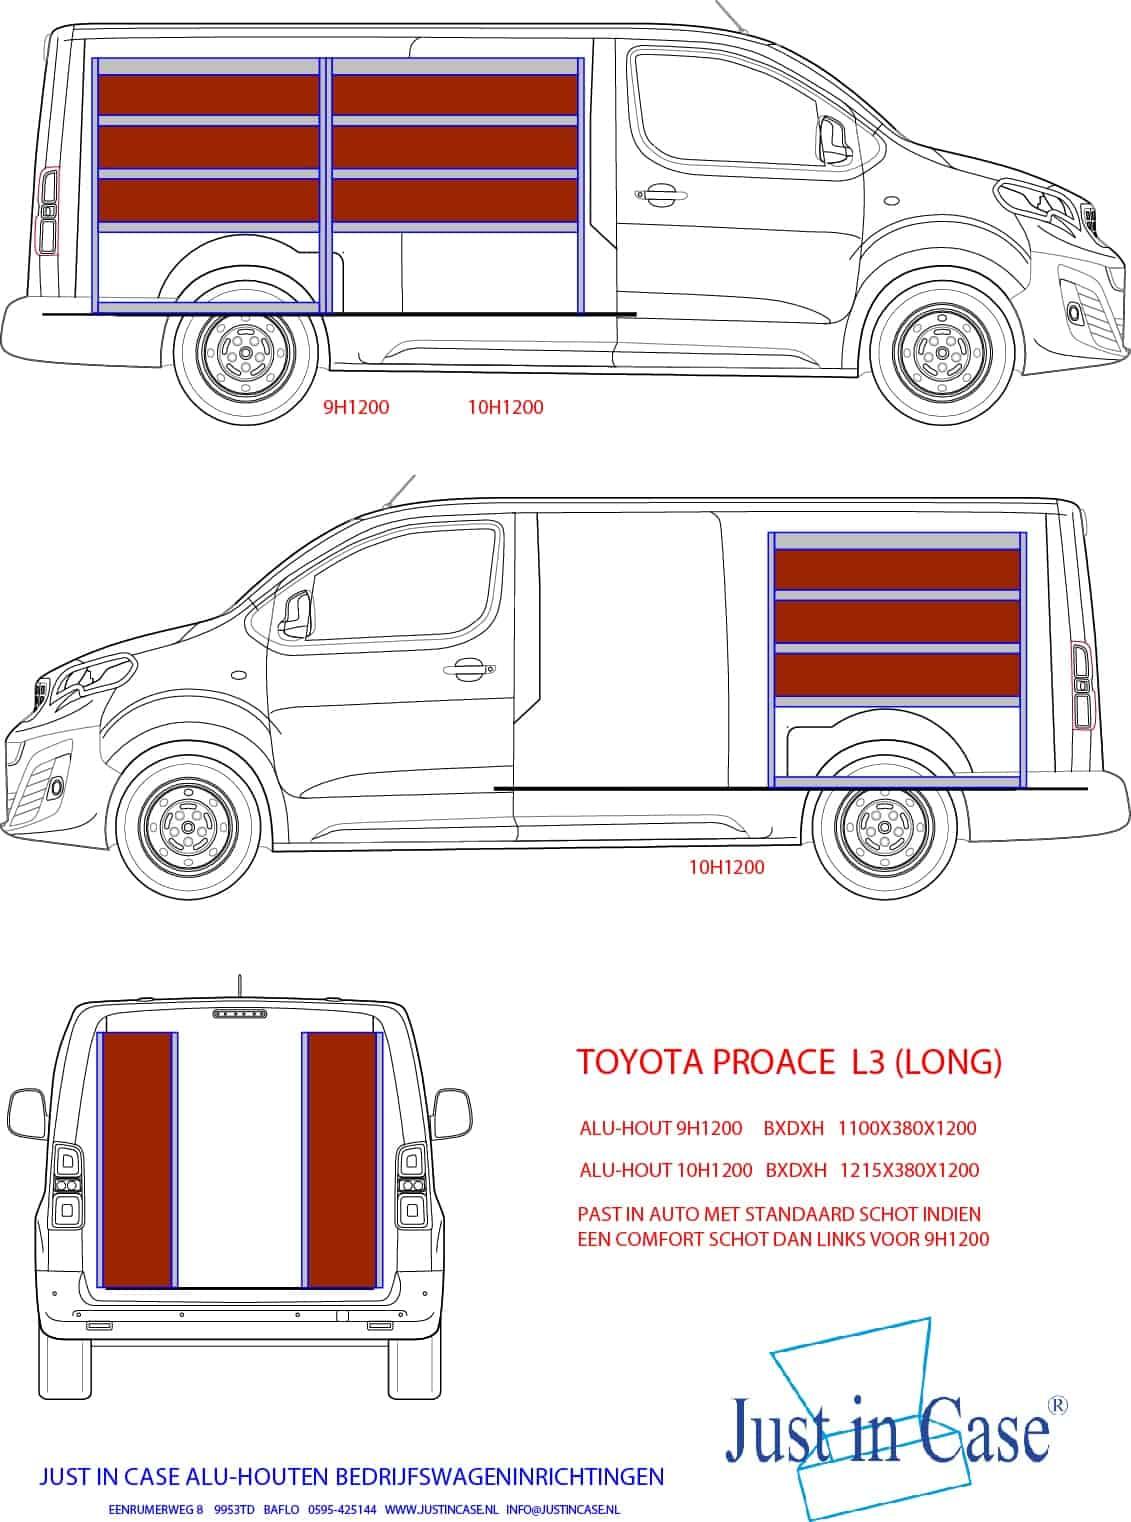 Toyota Pro ACE (Long) Bedrijfswageninrichting schets